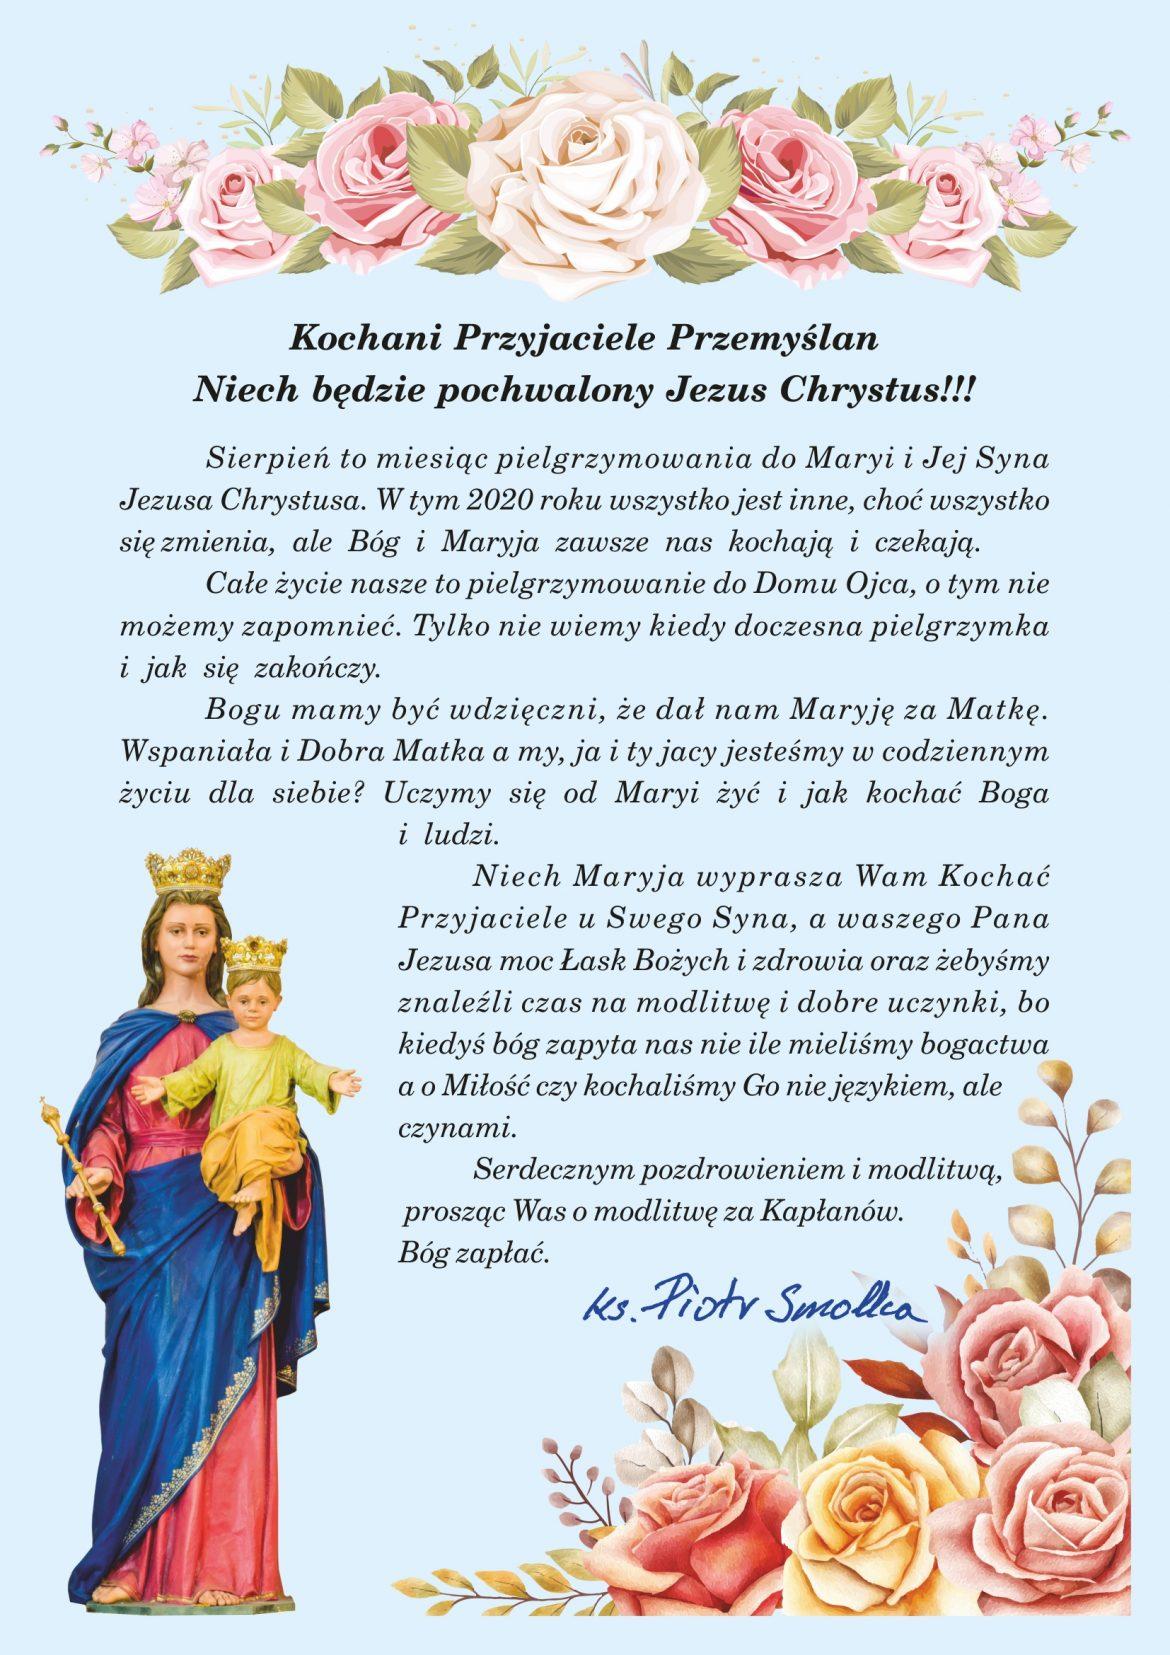 Krótki list Proboszcza na sierpień 2020